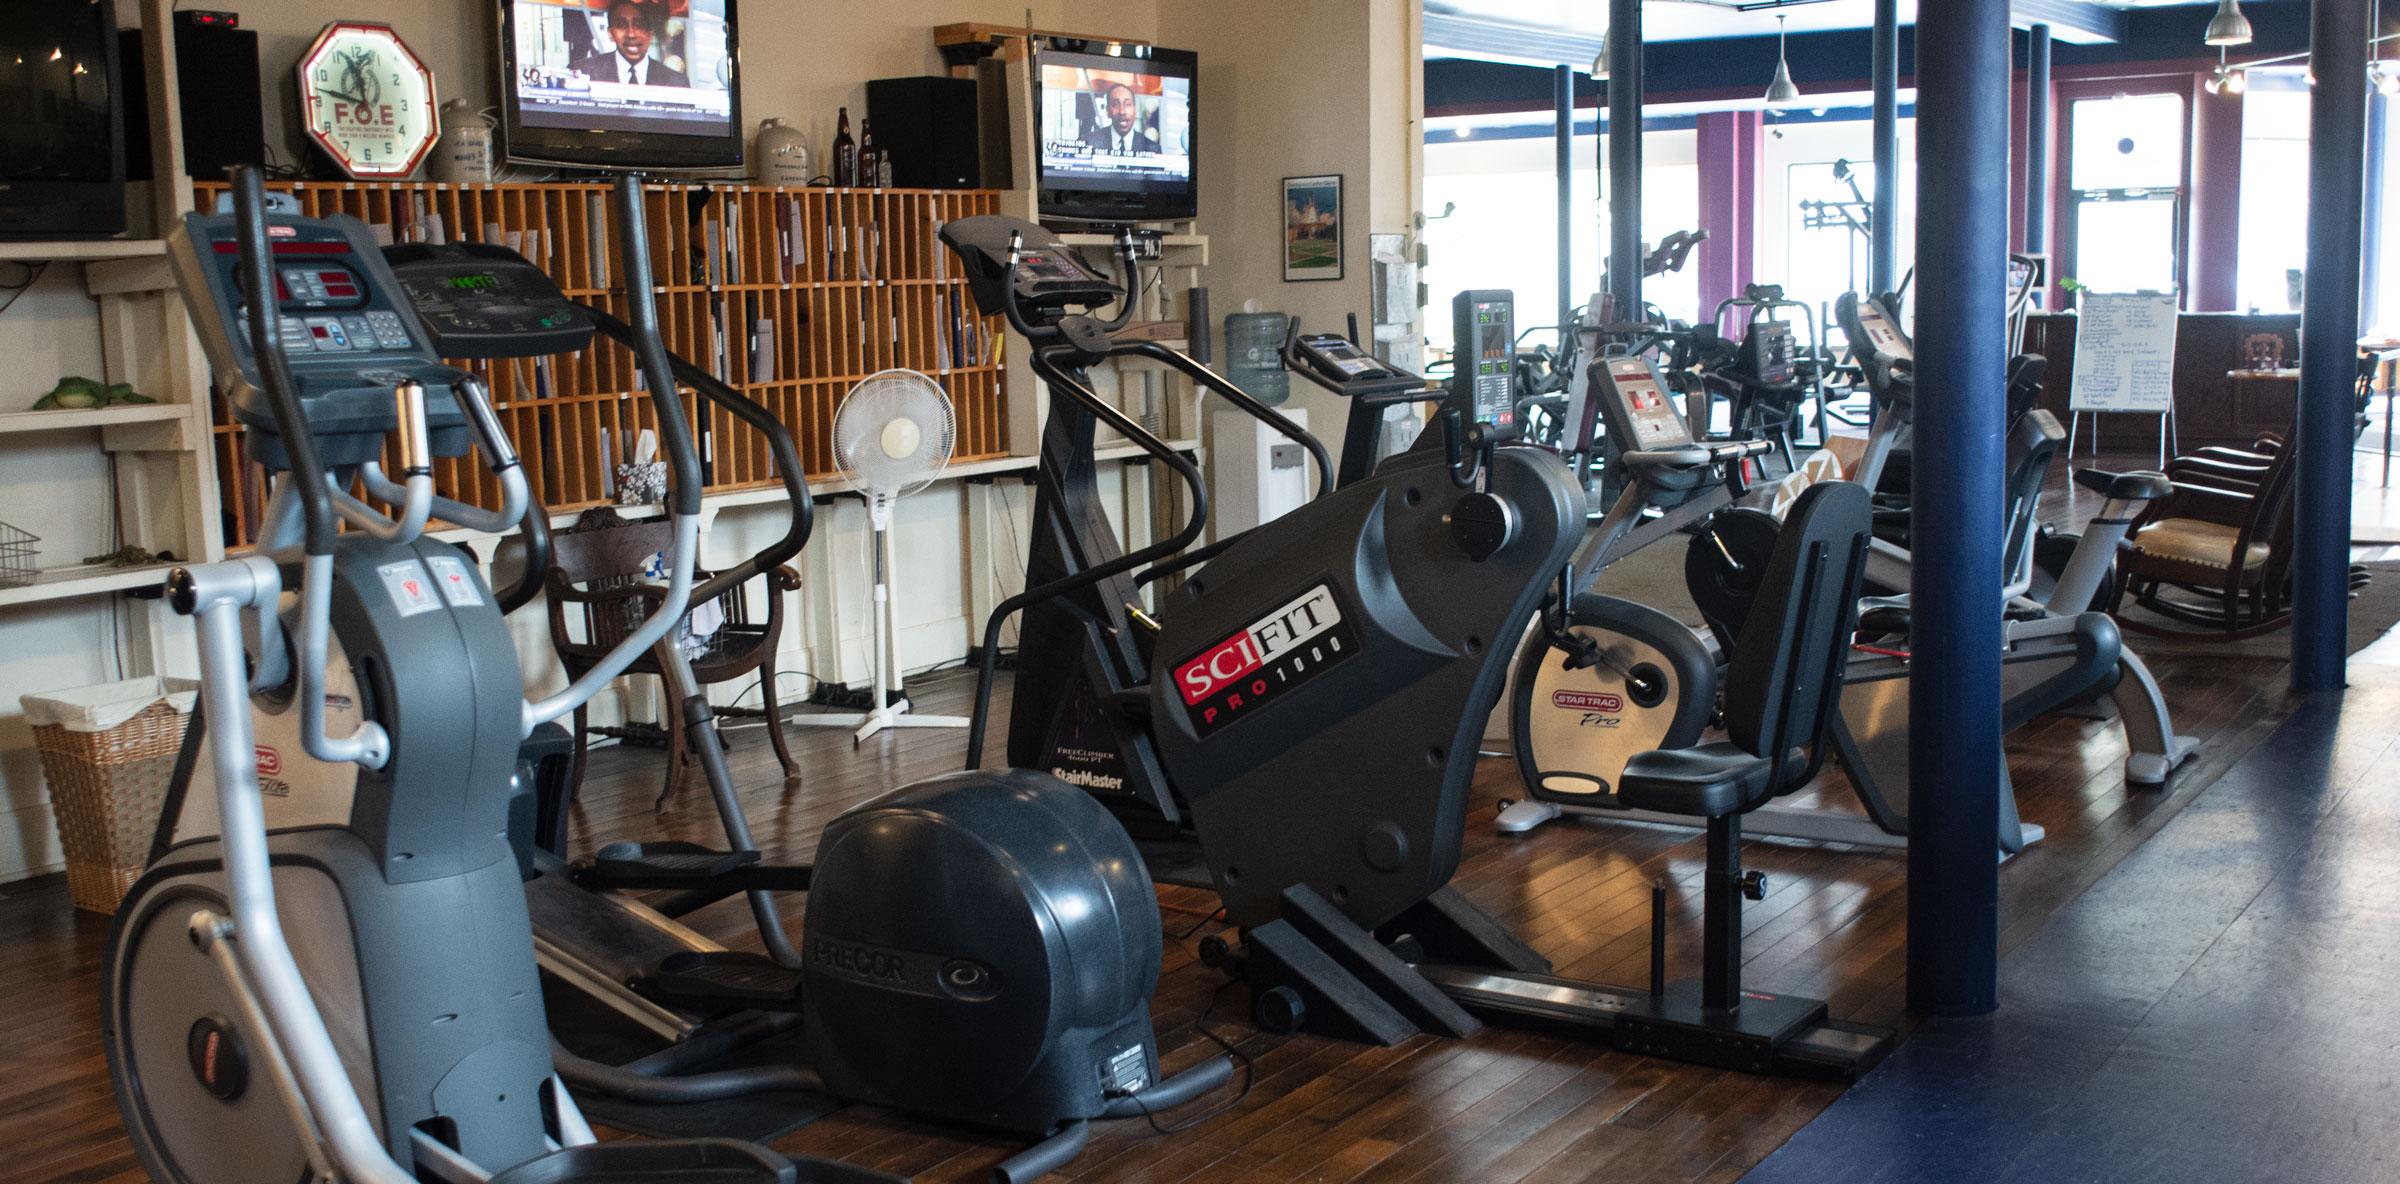 Schimmel Fitness Exercise Bikes